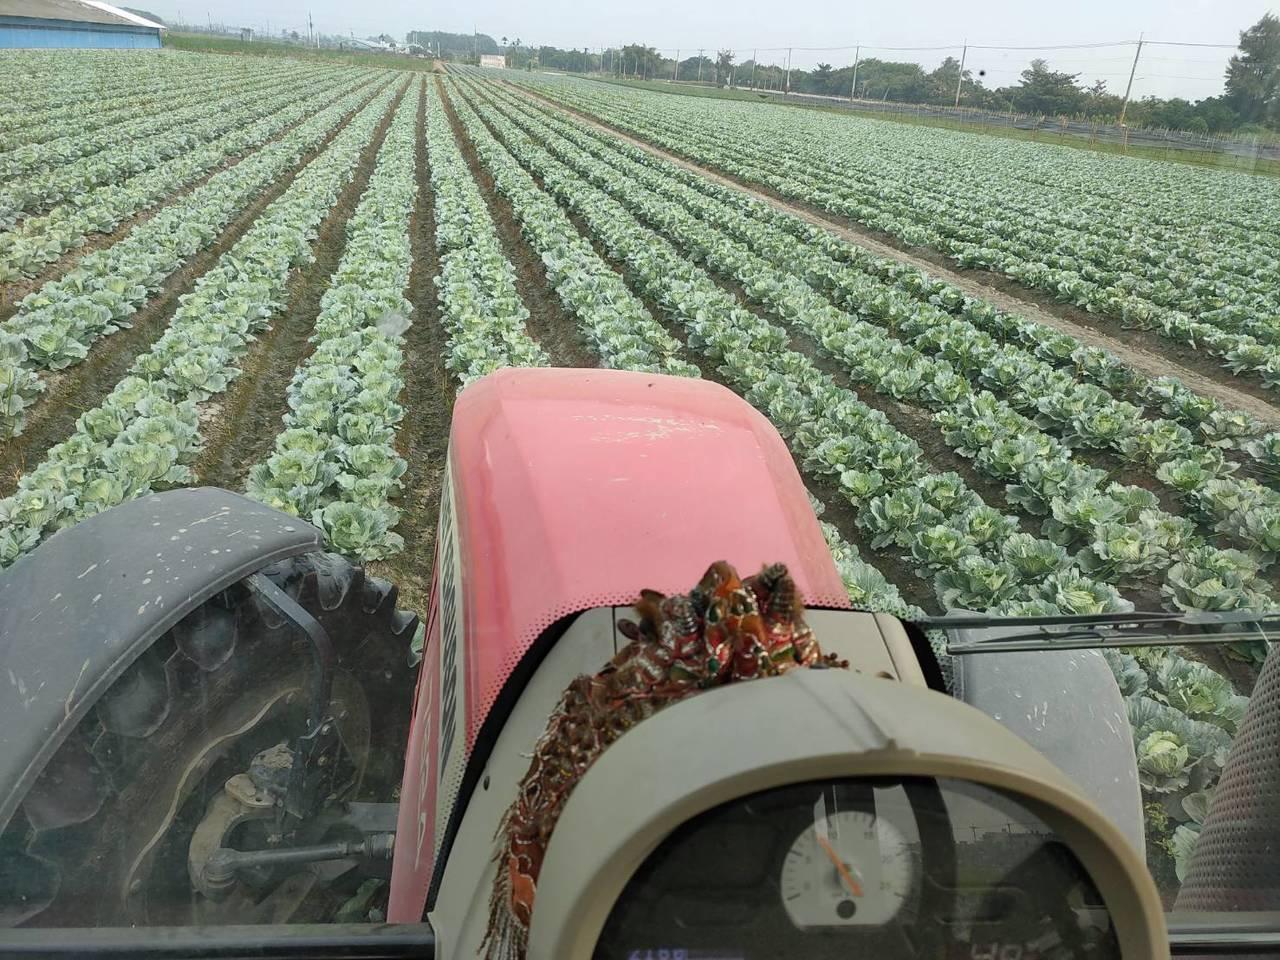 才10月,已有部分蔬菜產地出現低價高麗菜,有的開放民眾自採,有的農民認賠殺出,自...